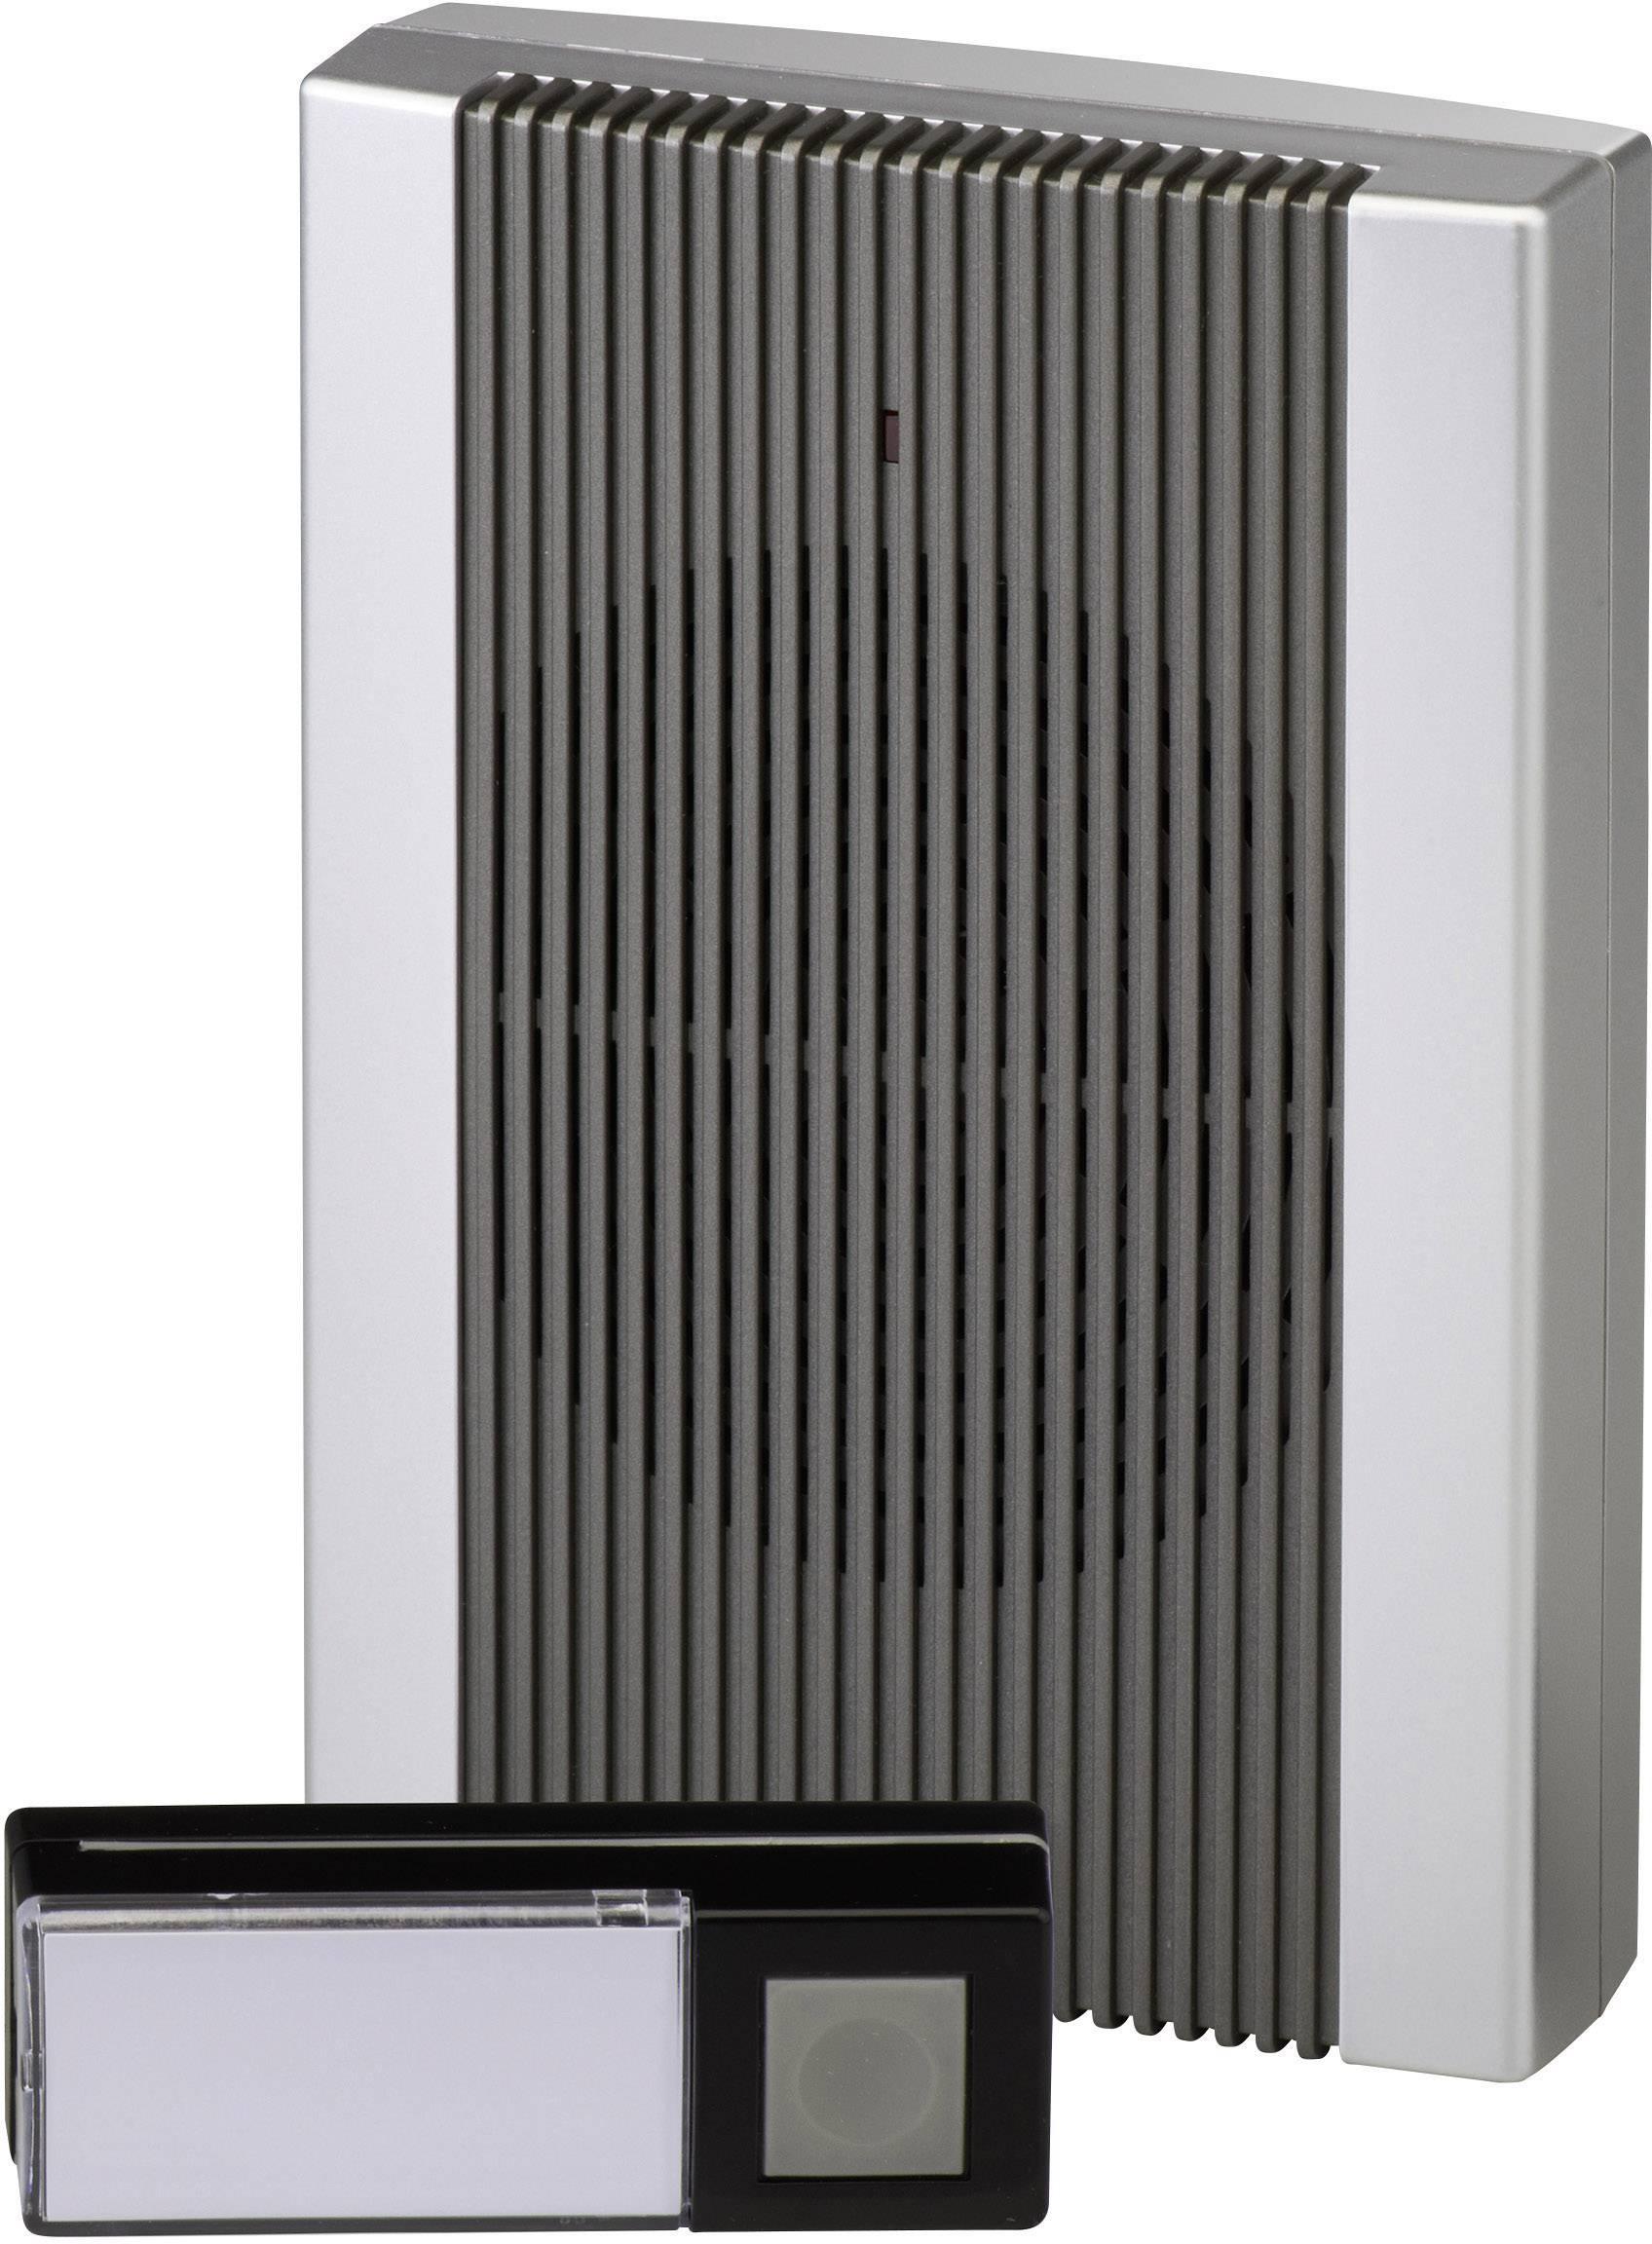 Bezdrôtový zvonček Heidemann HX Sound 70843, kompletná sada, max. dosah 200 m, antracitová, strieborná